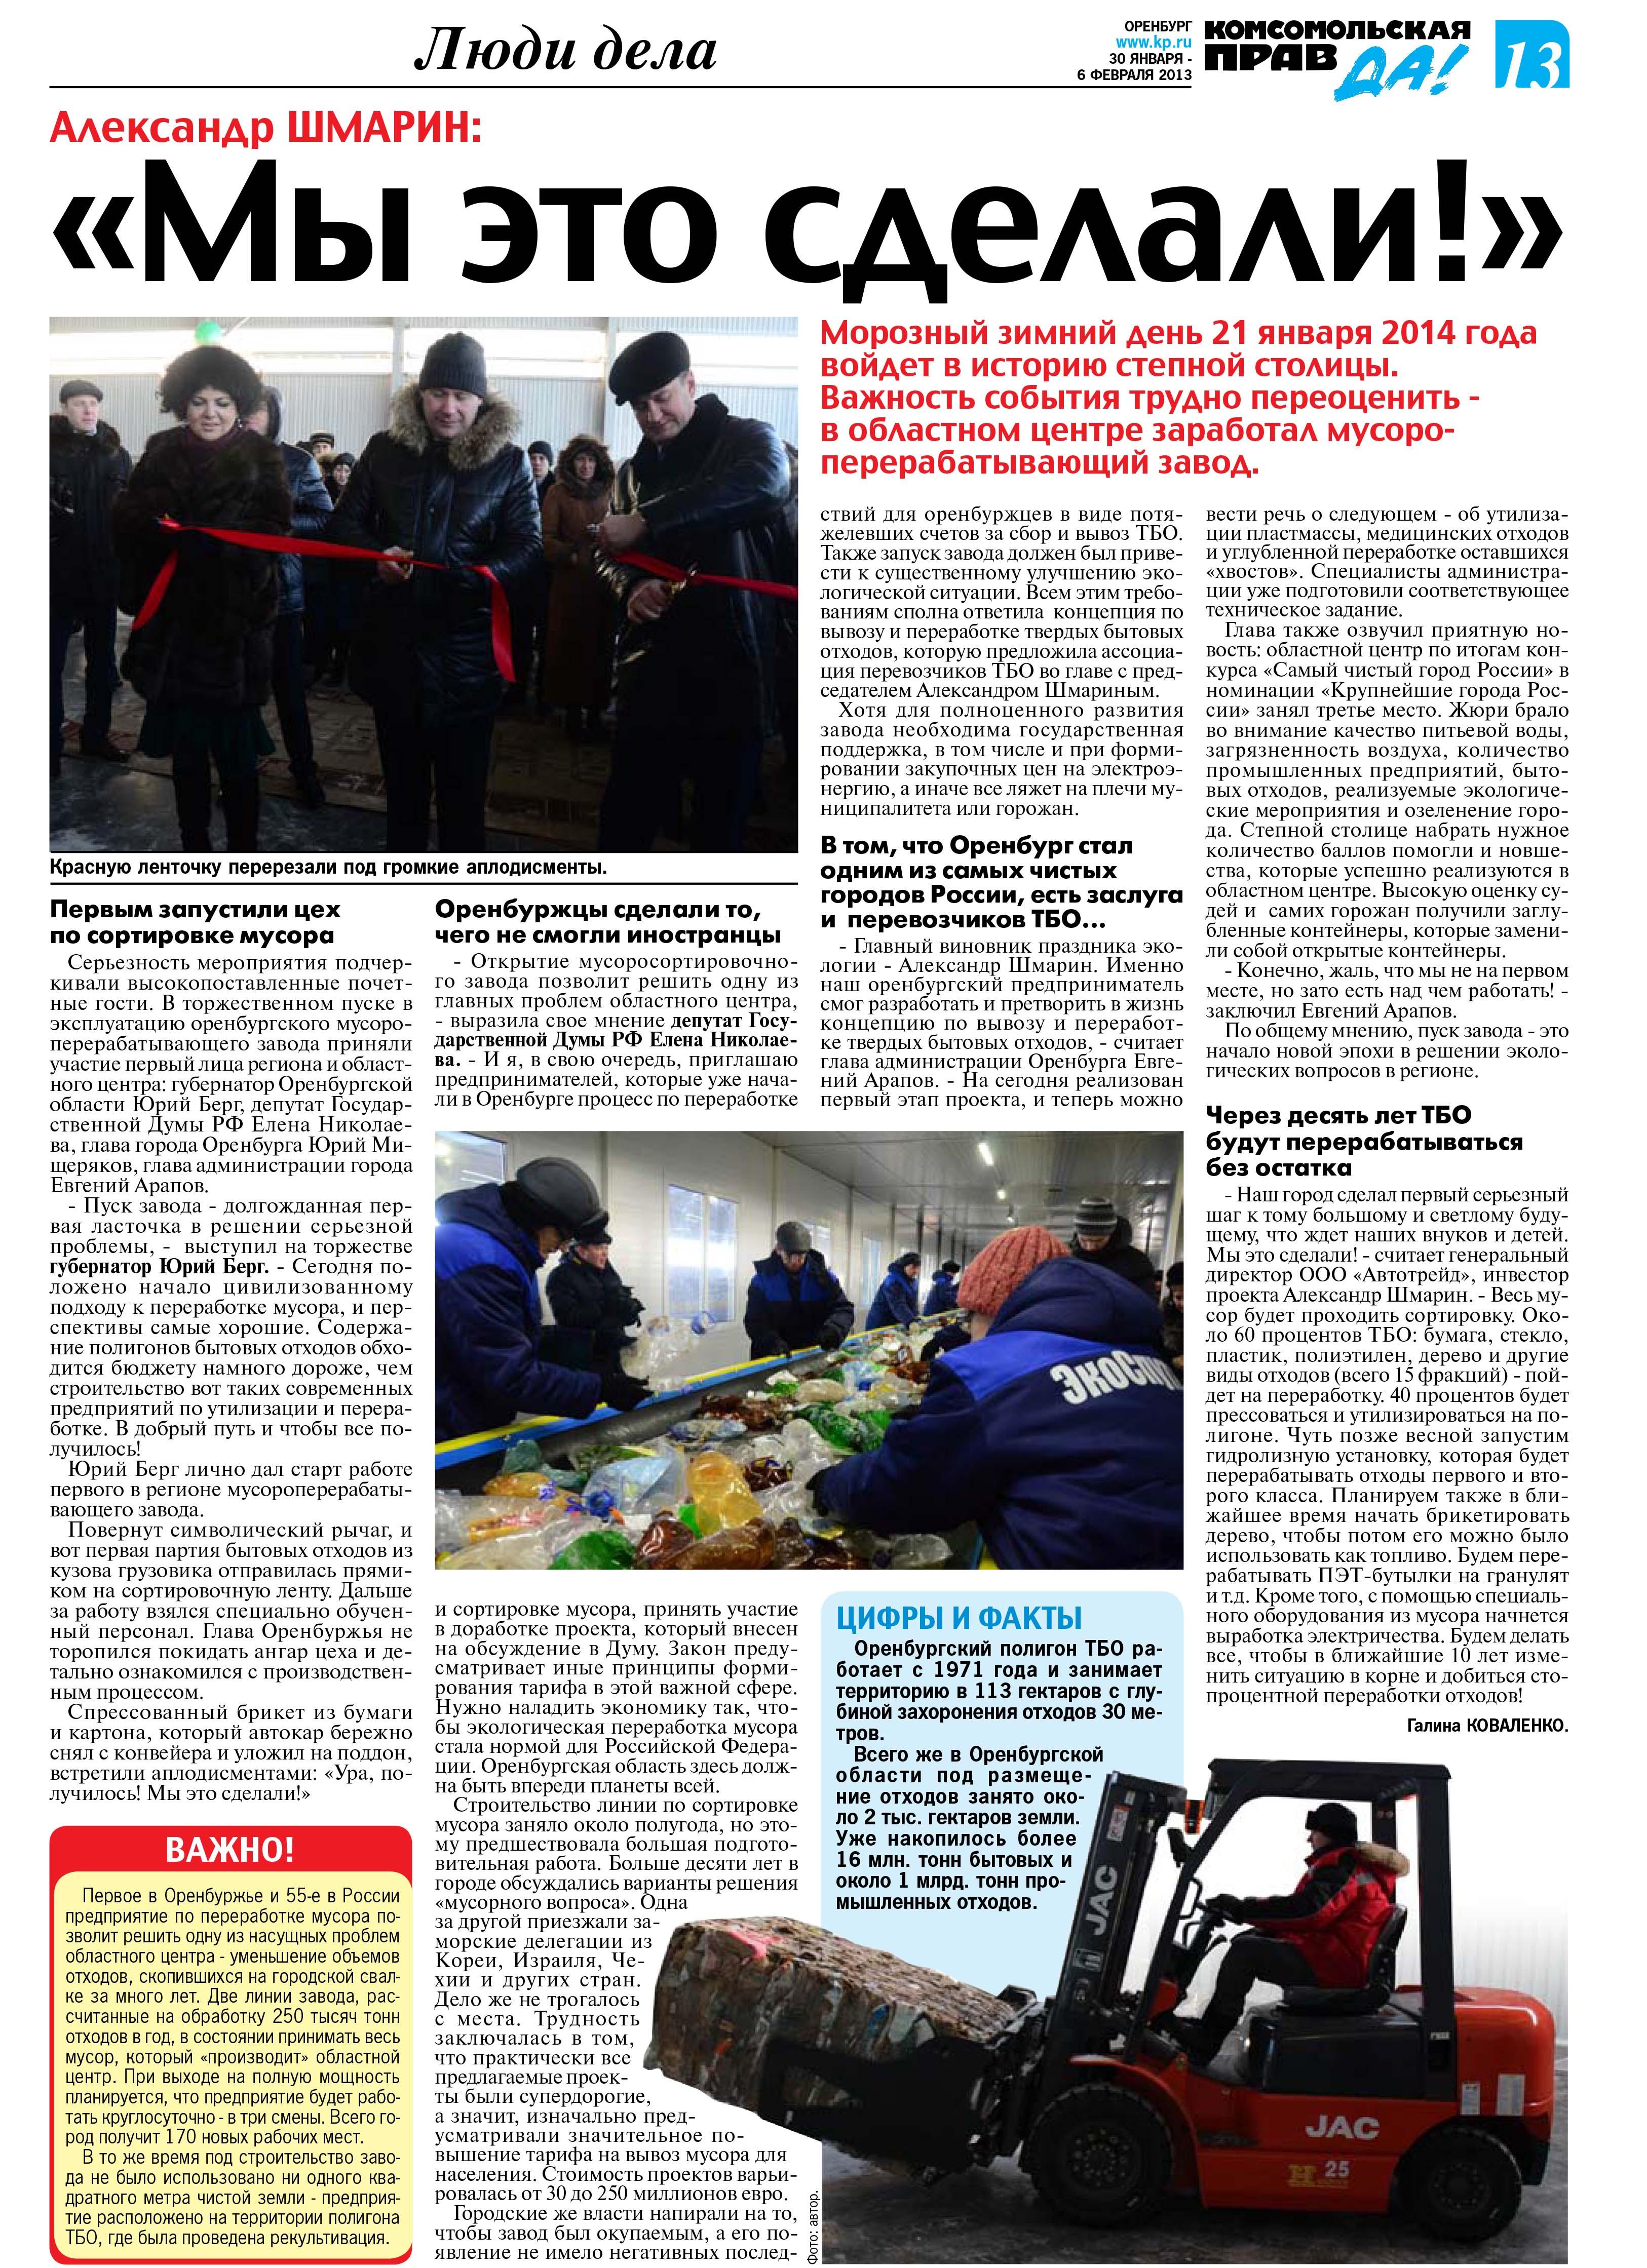 Комсомольская правда выпуск от 30.01.14